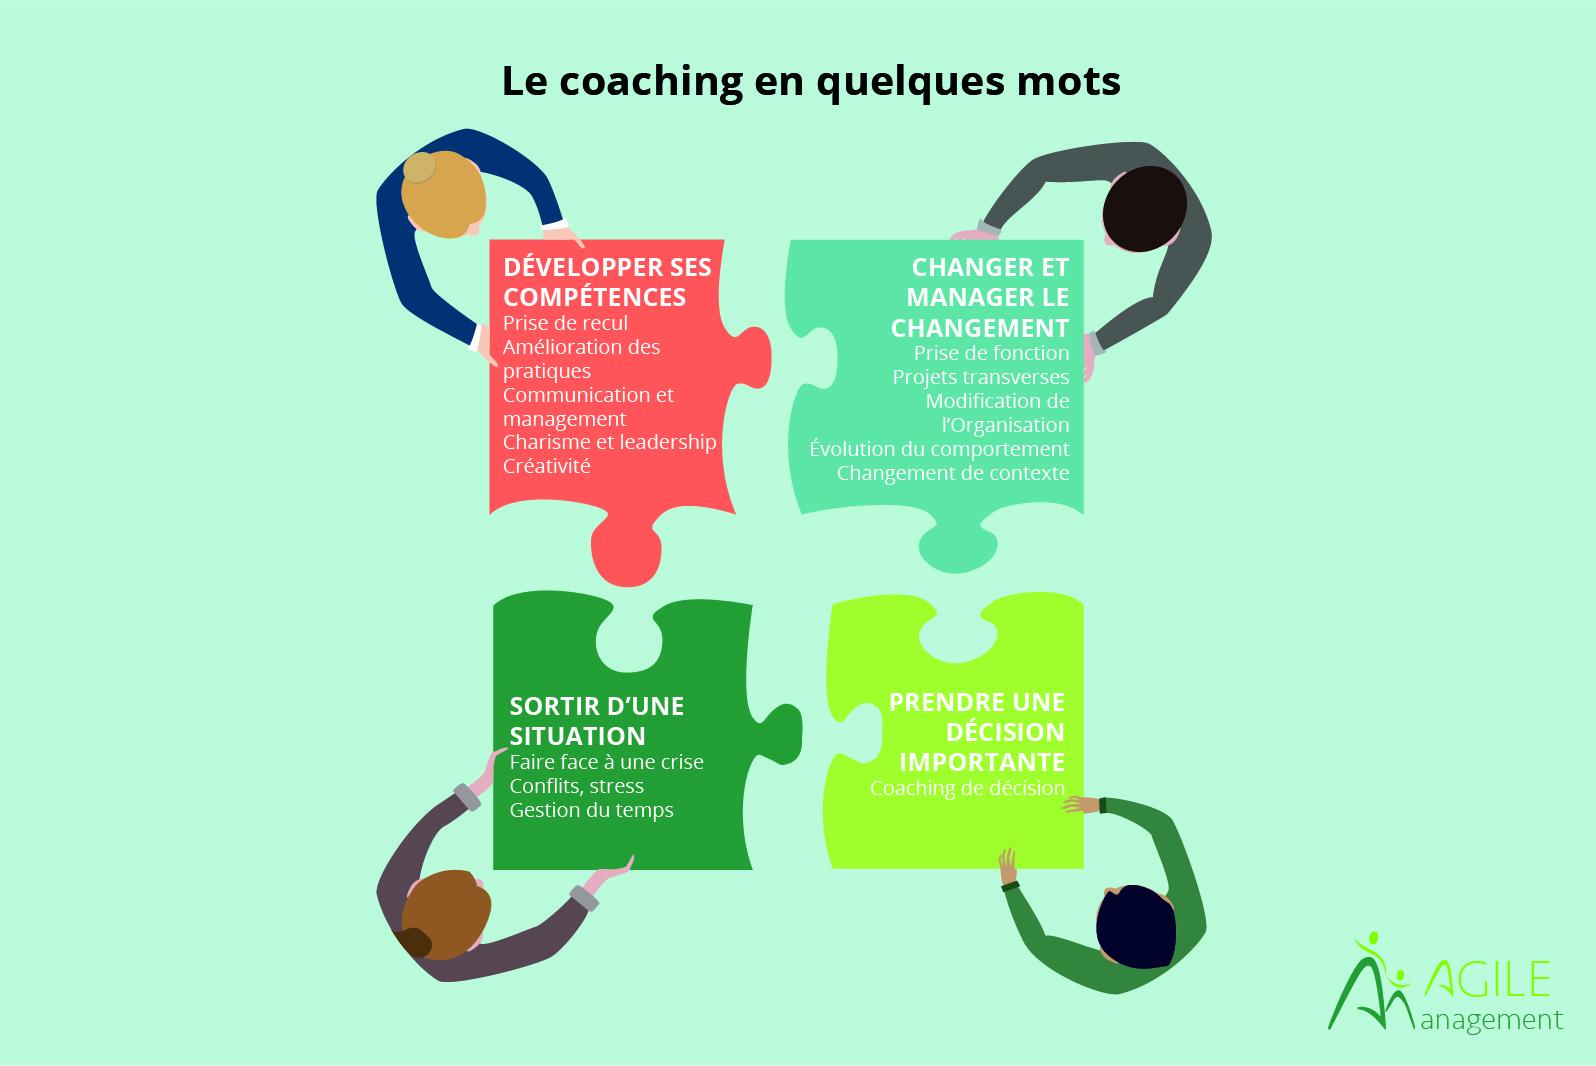 Le coaching en quelques mots